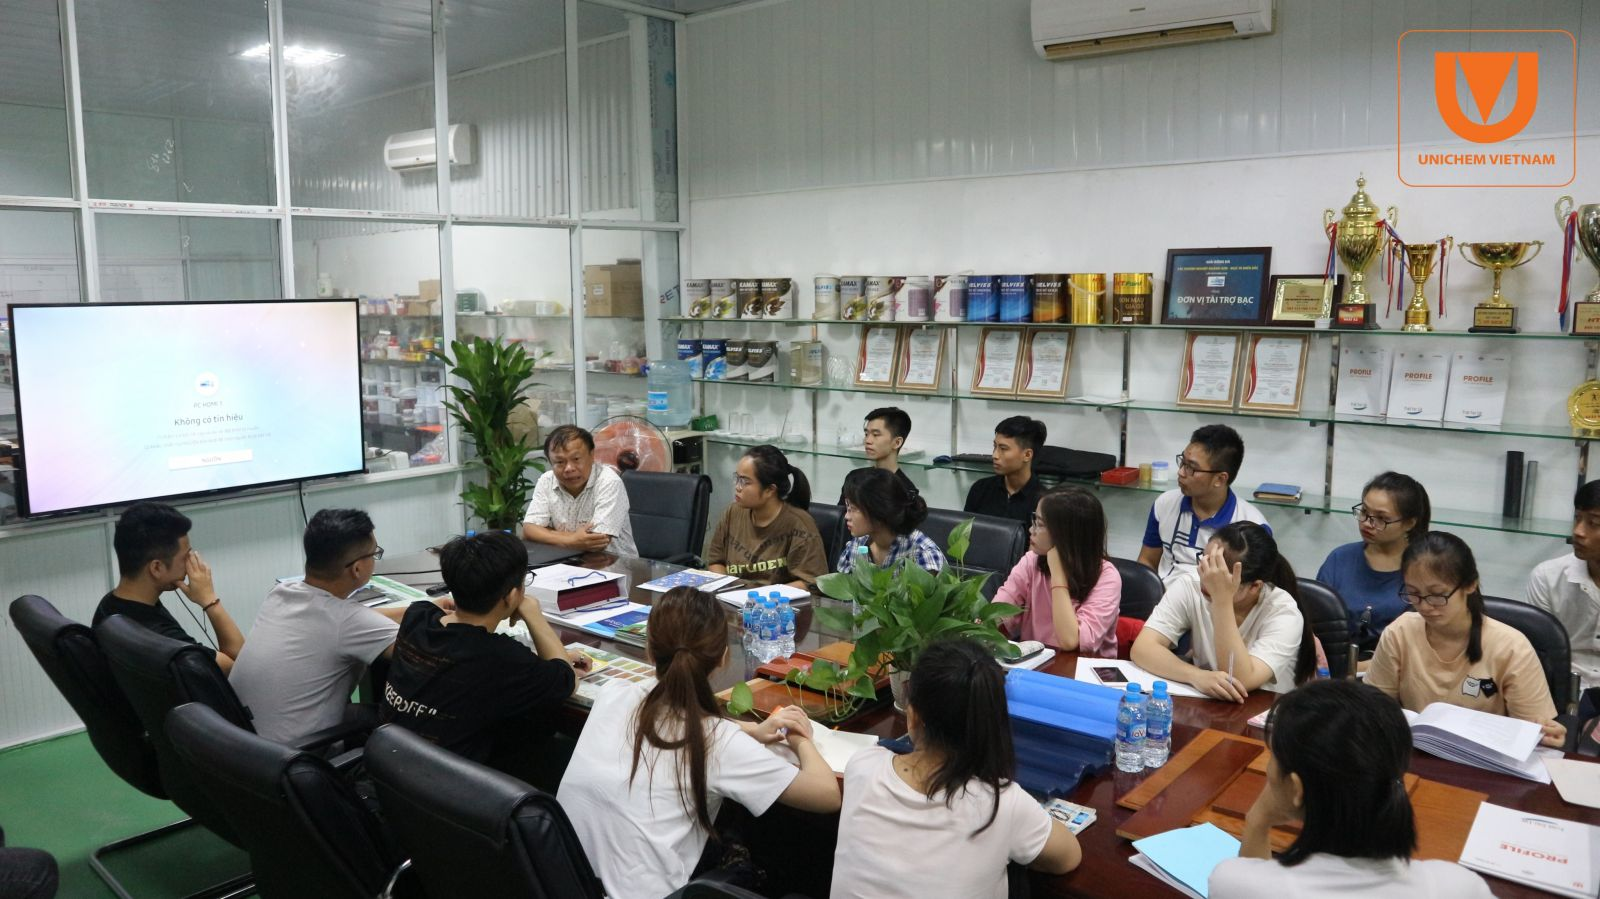 Sinh viên Trường Đại học Khoa học tự nhiên tới thực tập tại Unichem Việt Nam